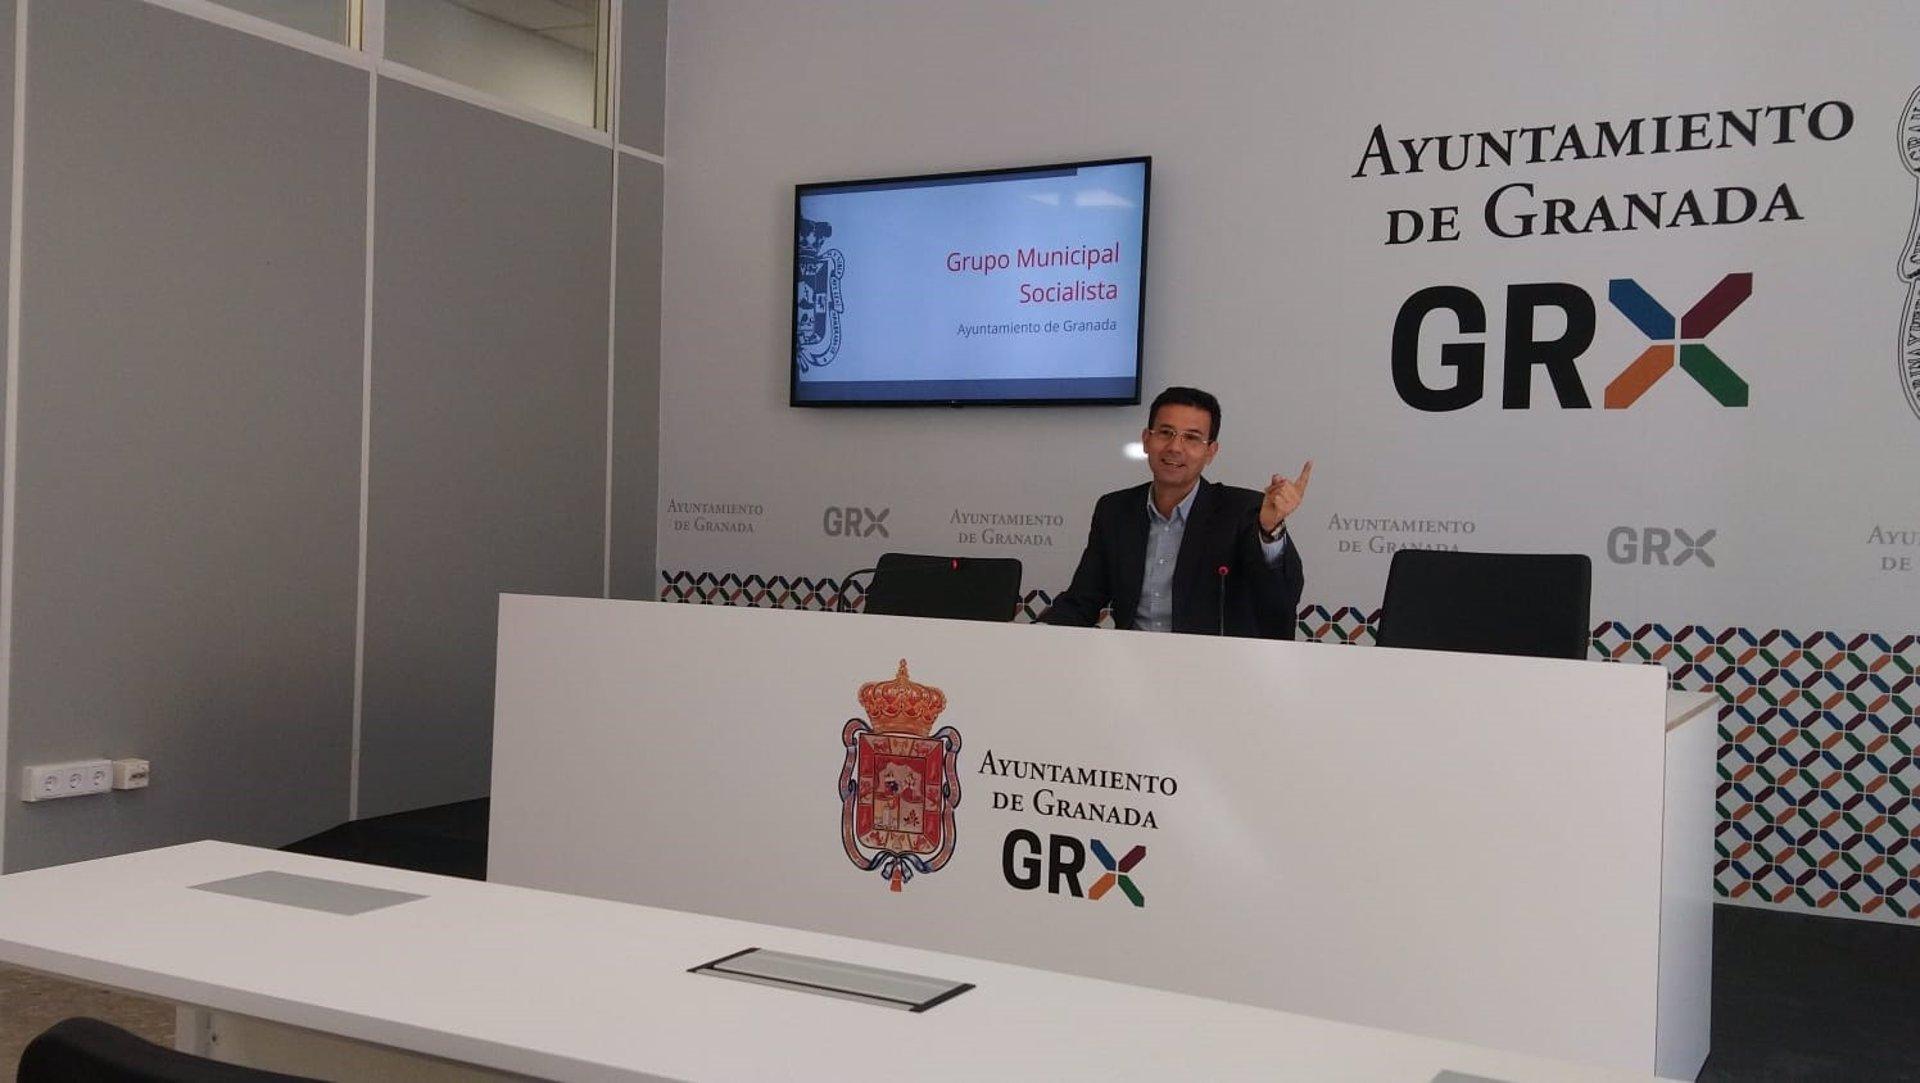 Cuenca pide colaboración para salir de la crisis municipal: el PSOE «no puede ser en solitario la solución»